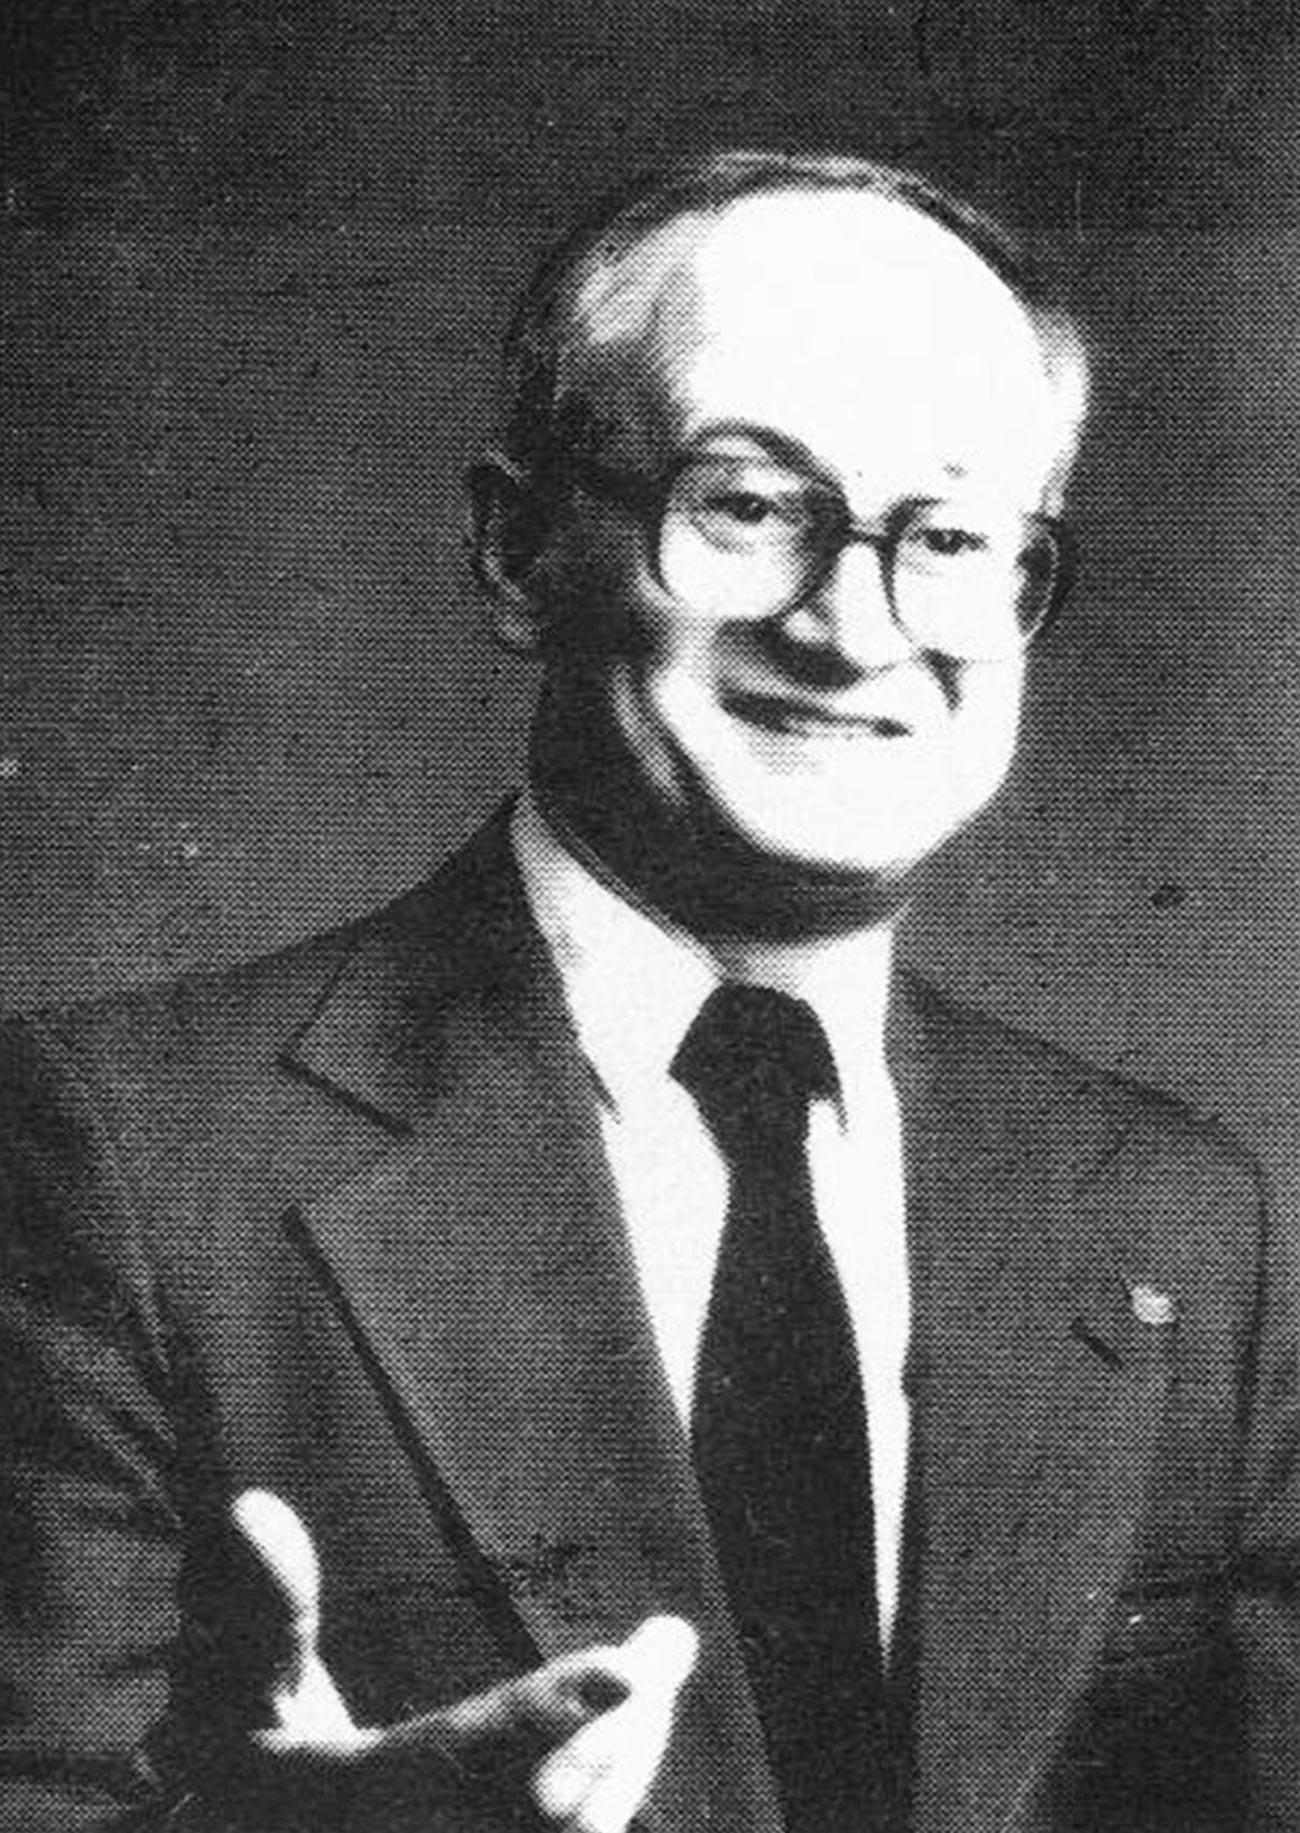 Yurij Bezmenov